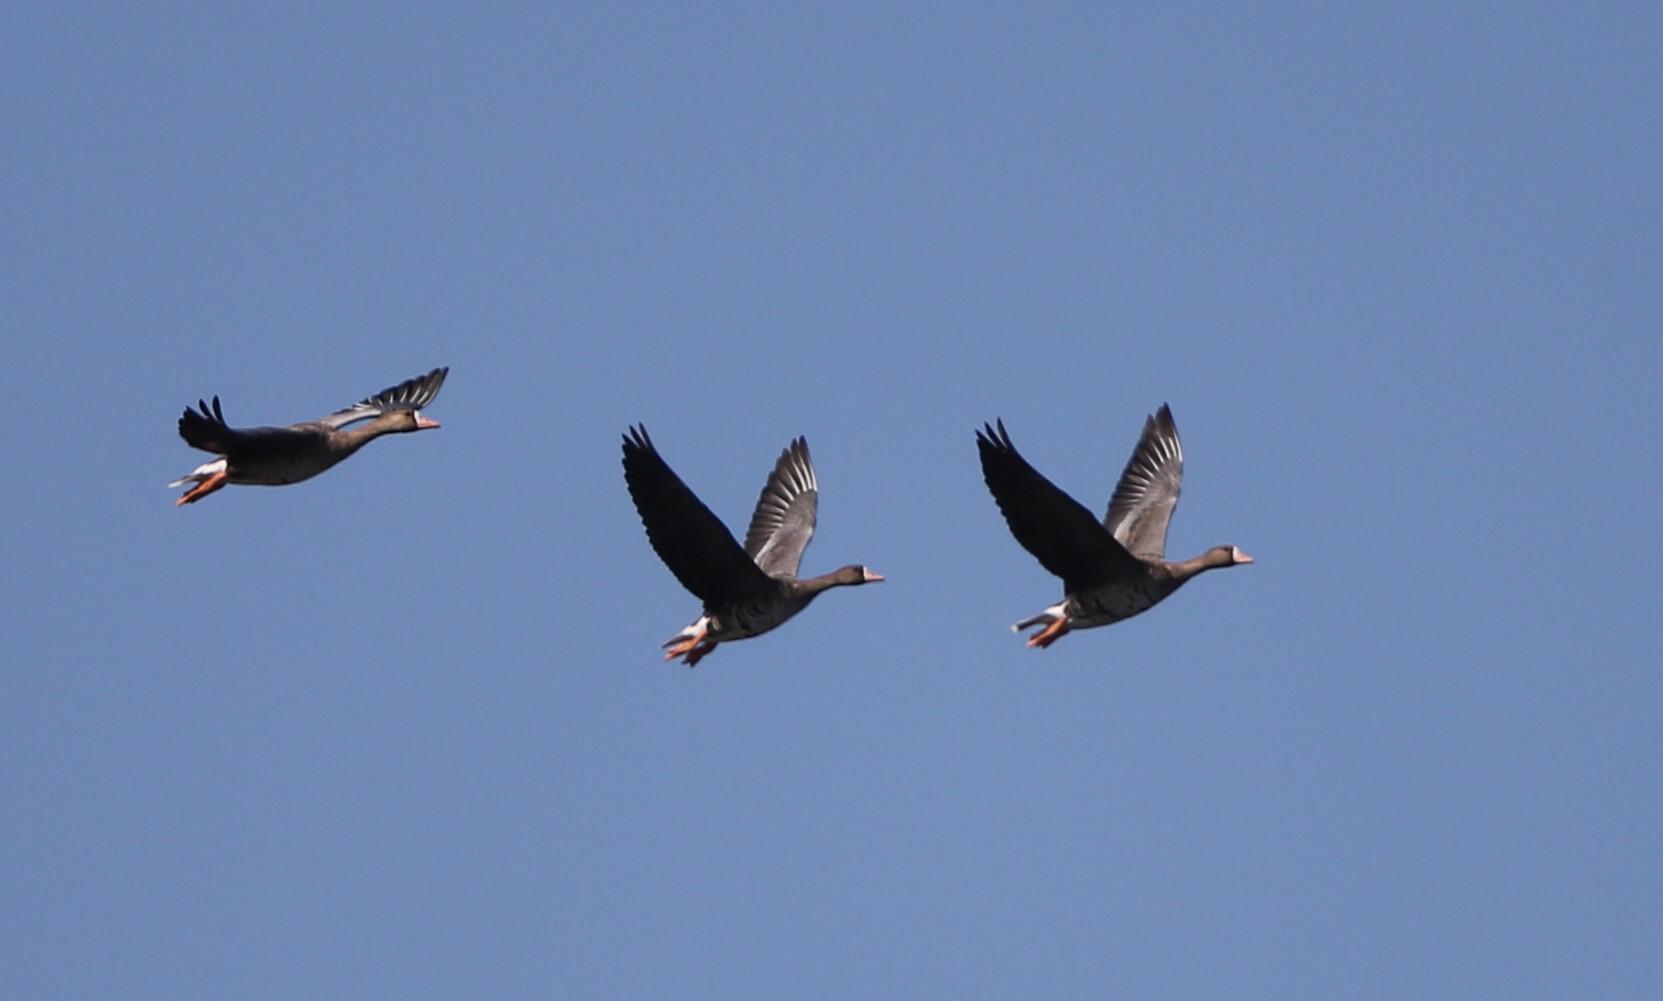 MFの沼へマガンが3羽飛来上空を旋回し飛び去る_f0239515_17322371.jpg